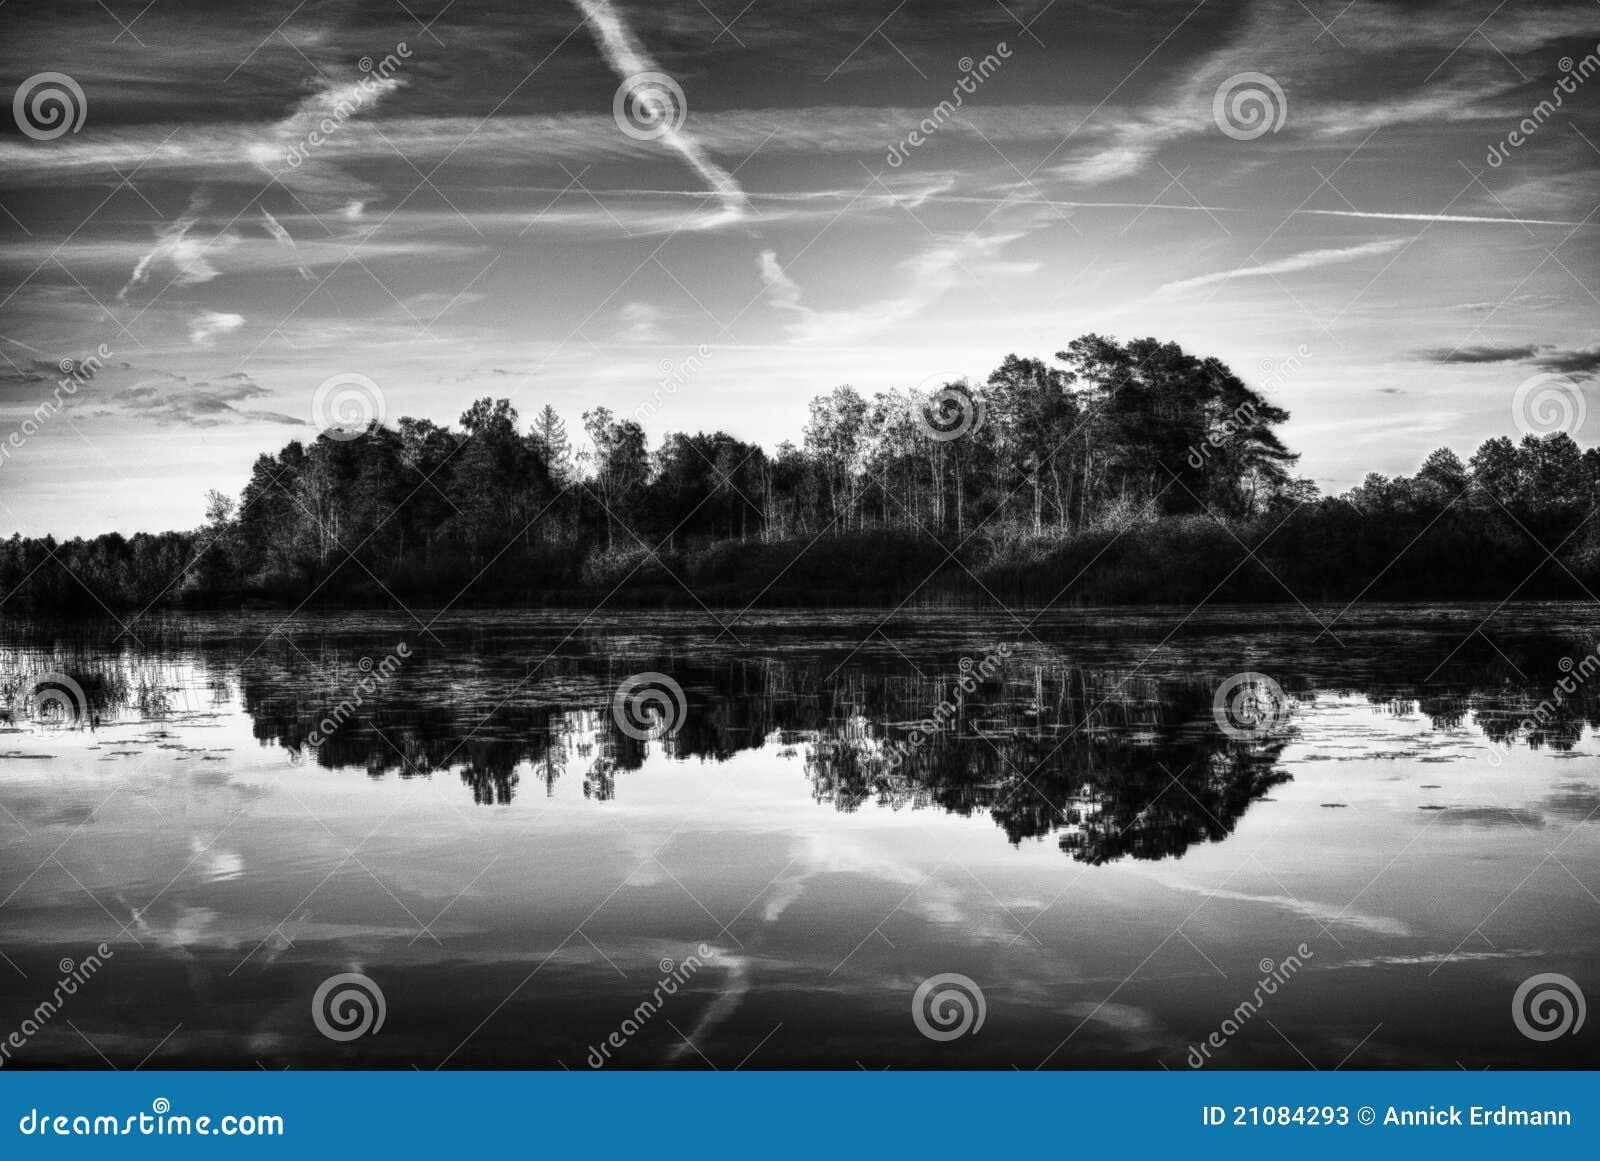 Lago country